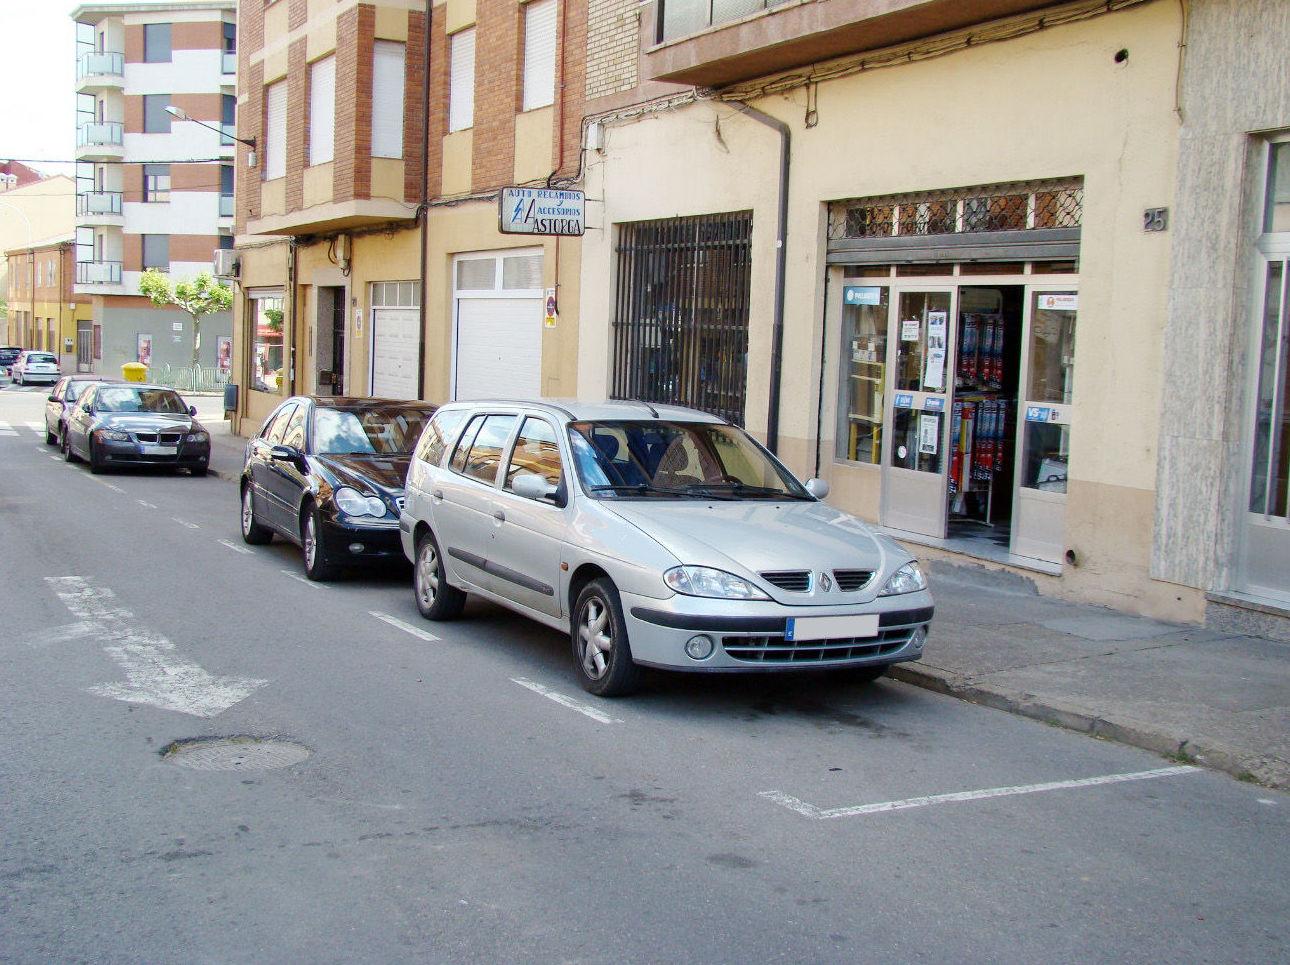 Venta repuestos y accesorios para coches